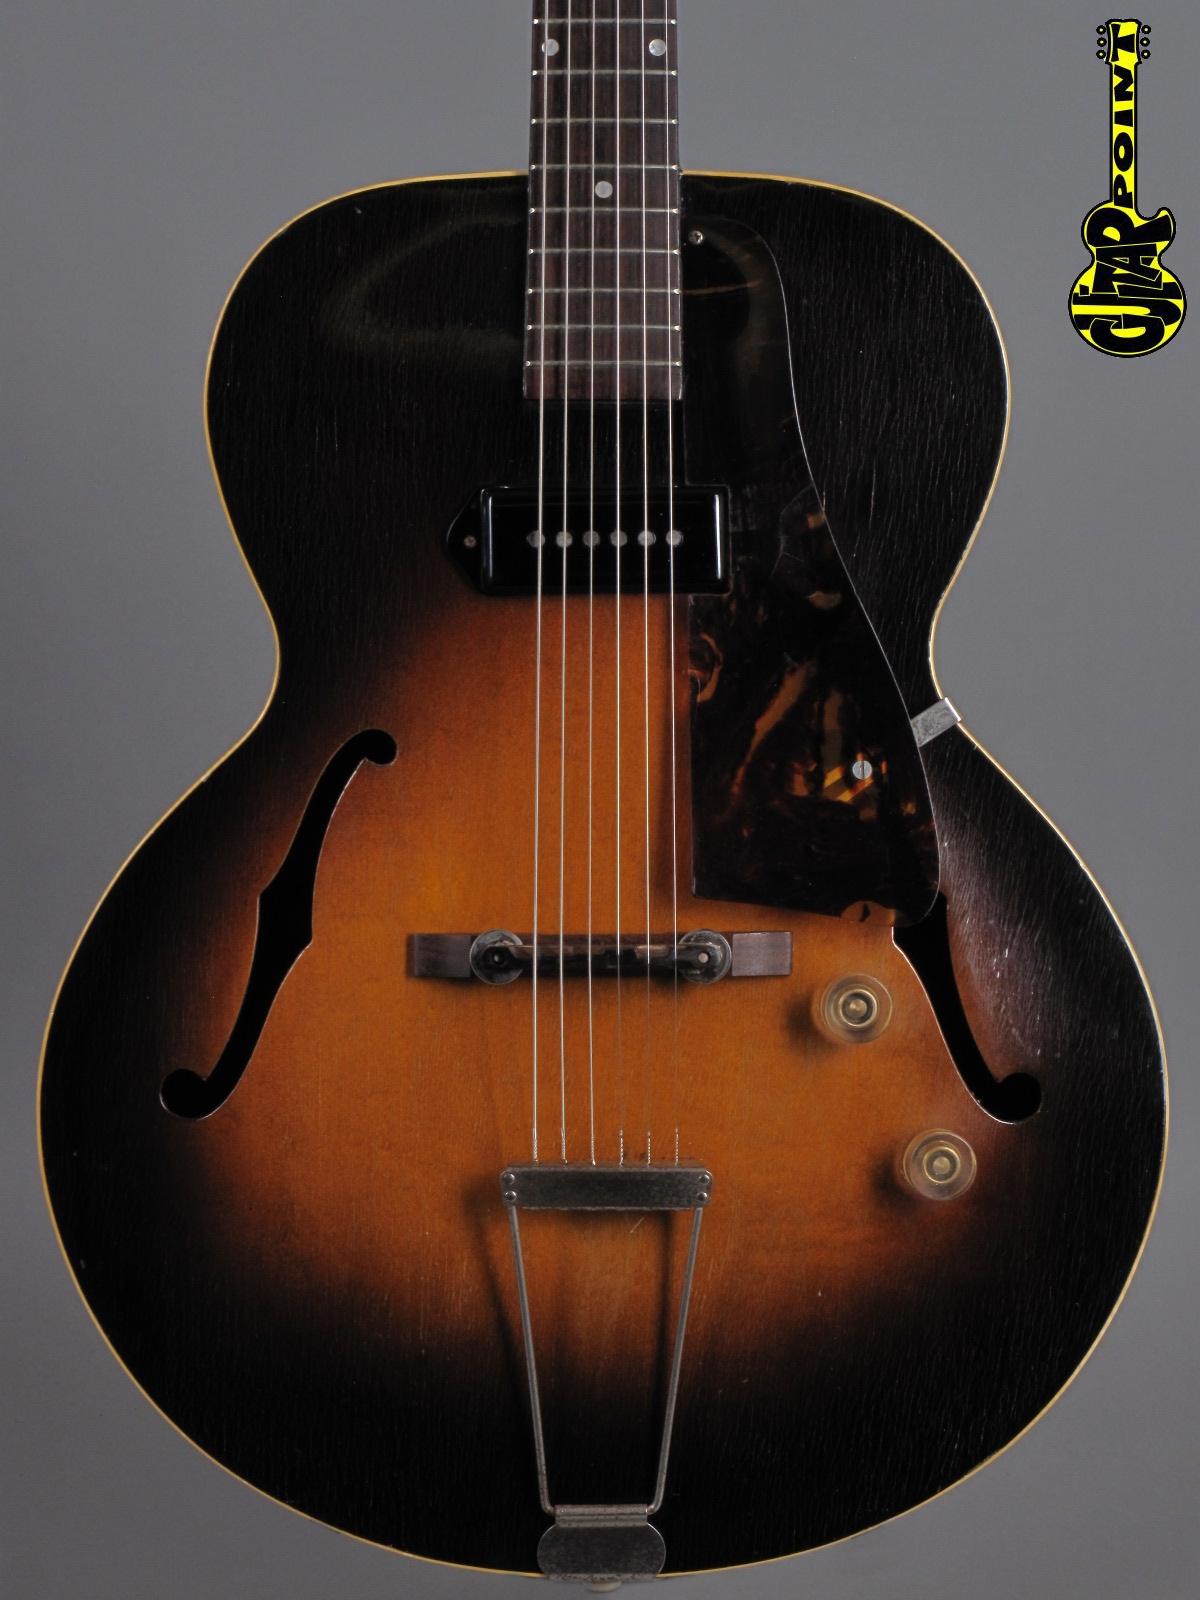 1948 Gibson ES-125 - Sunburst